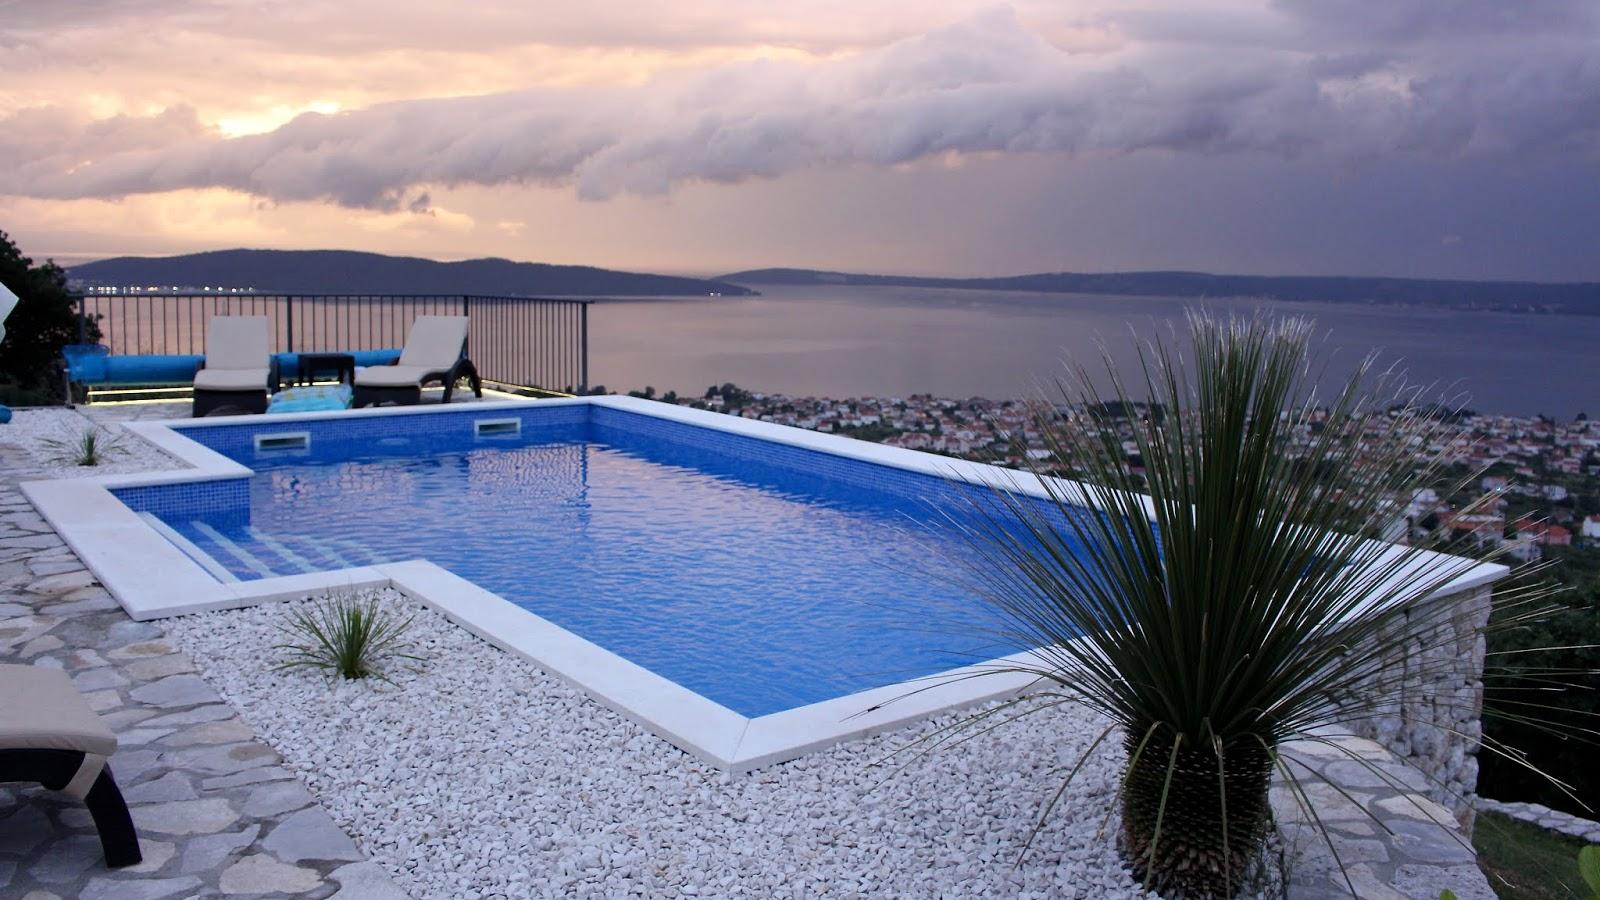 Villa Hill View, Kroatien, der Pool in der Dämmerung nach einem Gewitter